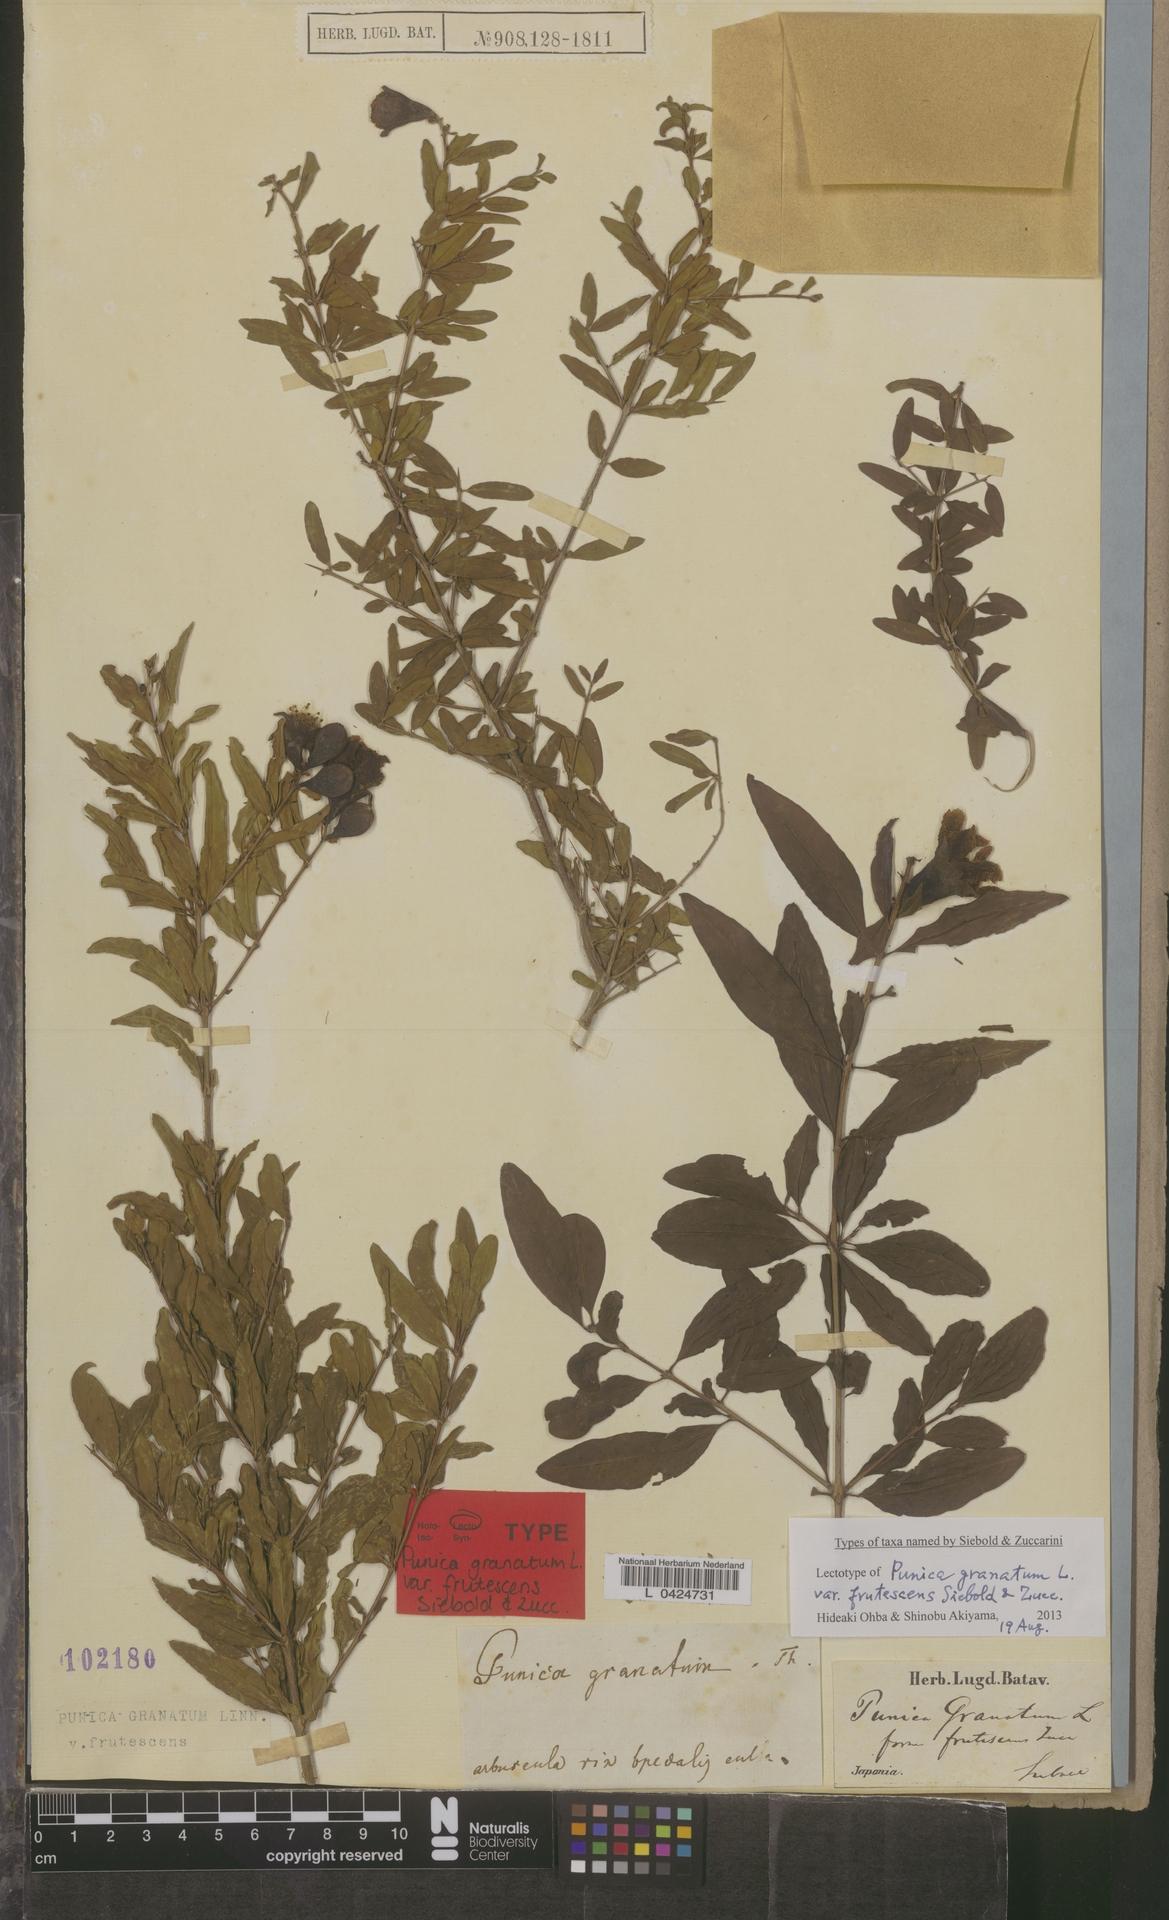 L  0424731 | Punica granatum var. frutescens